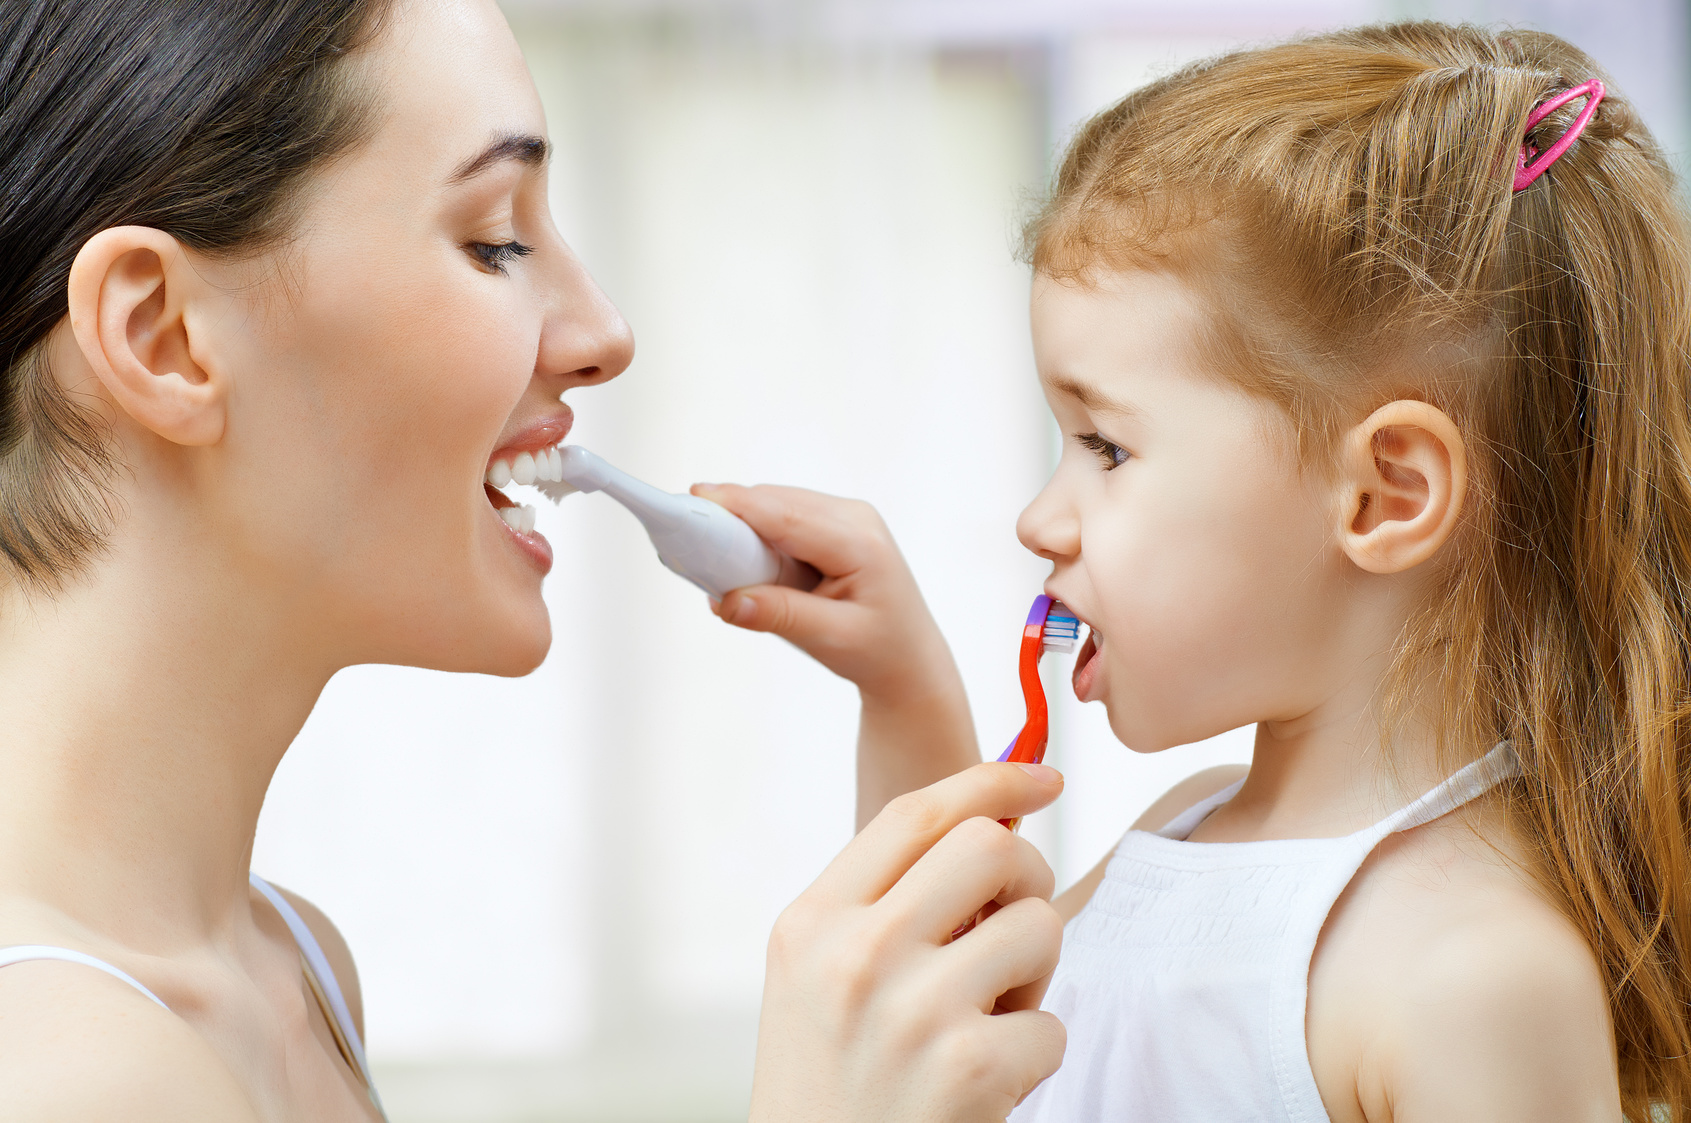 Hábitos de higiene infantil